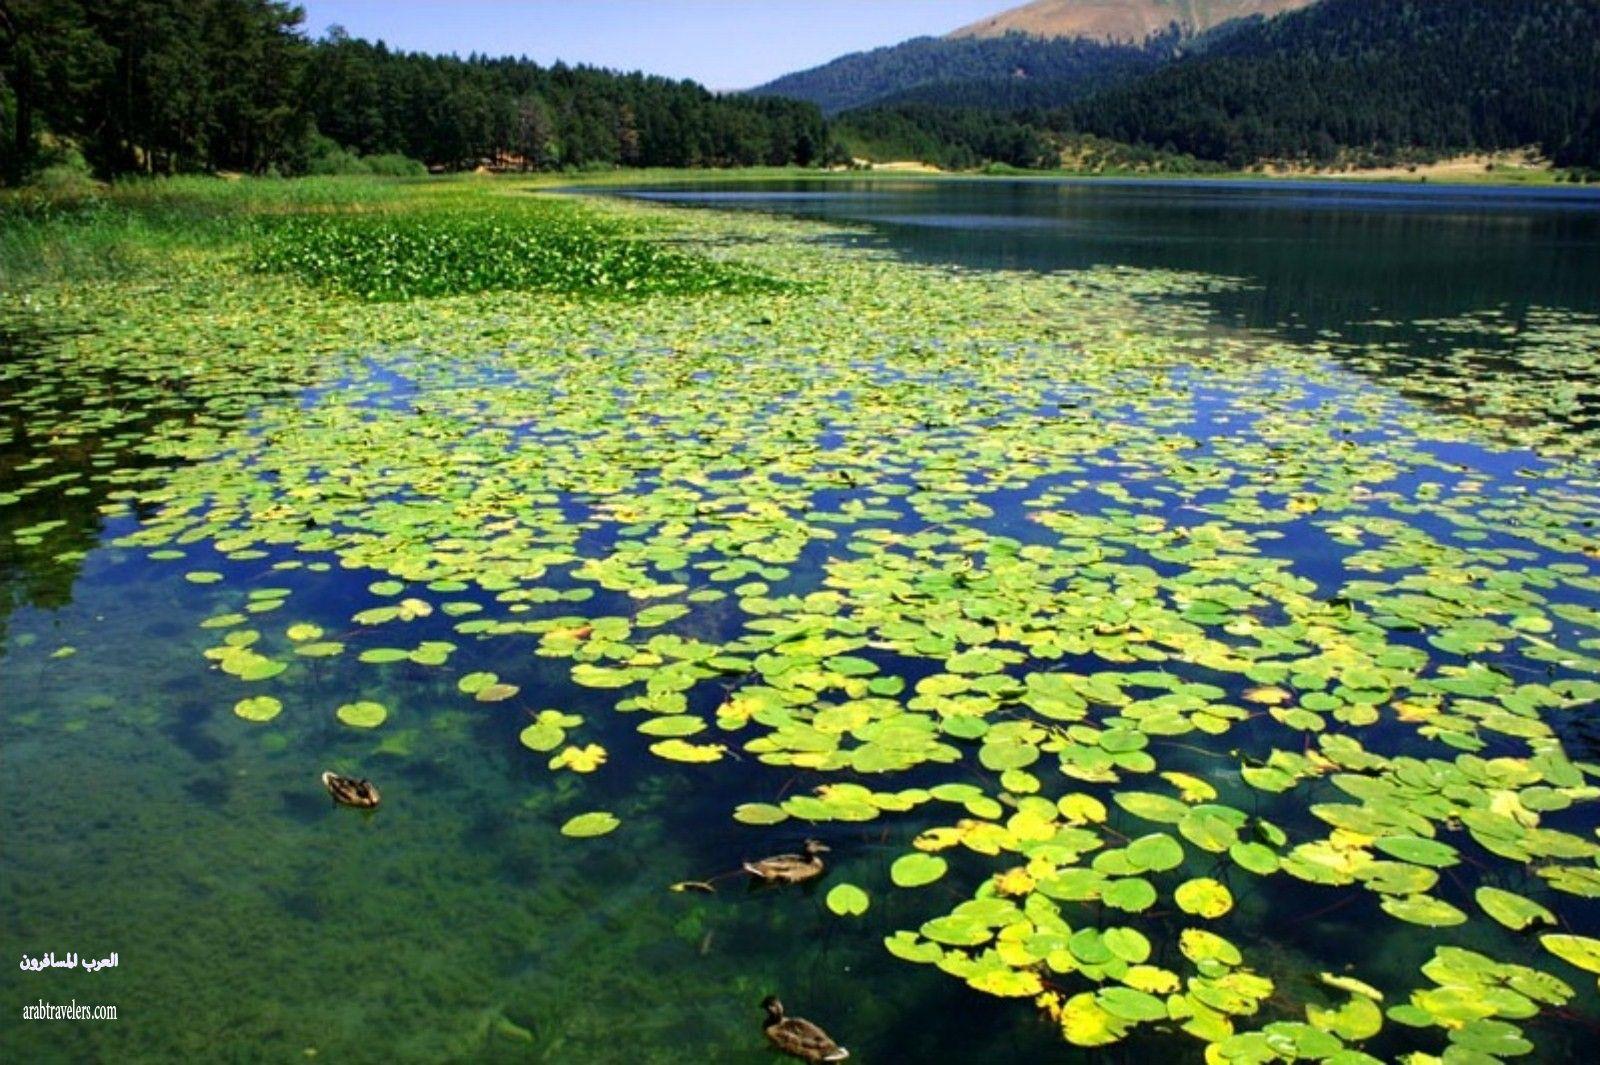 بحيرة أبانت من أجمل البحيرات الطبيعية في العالم